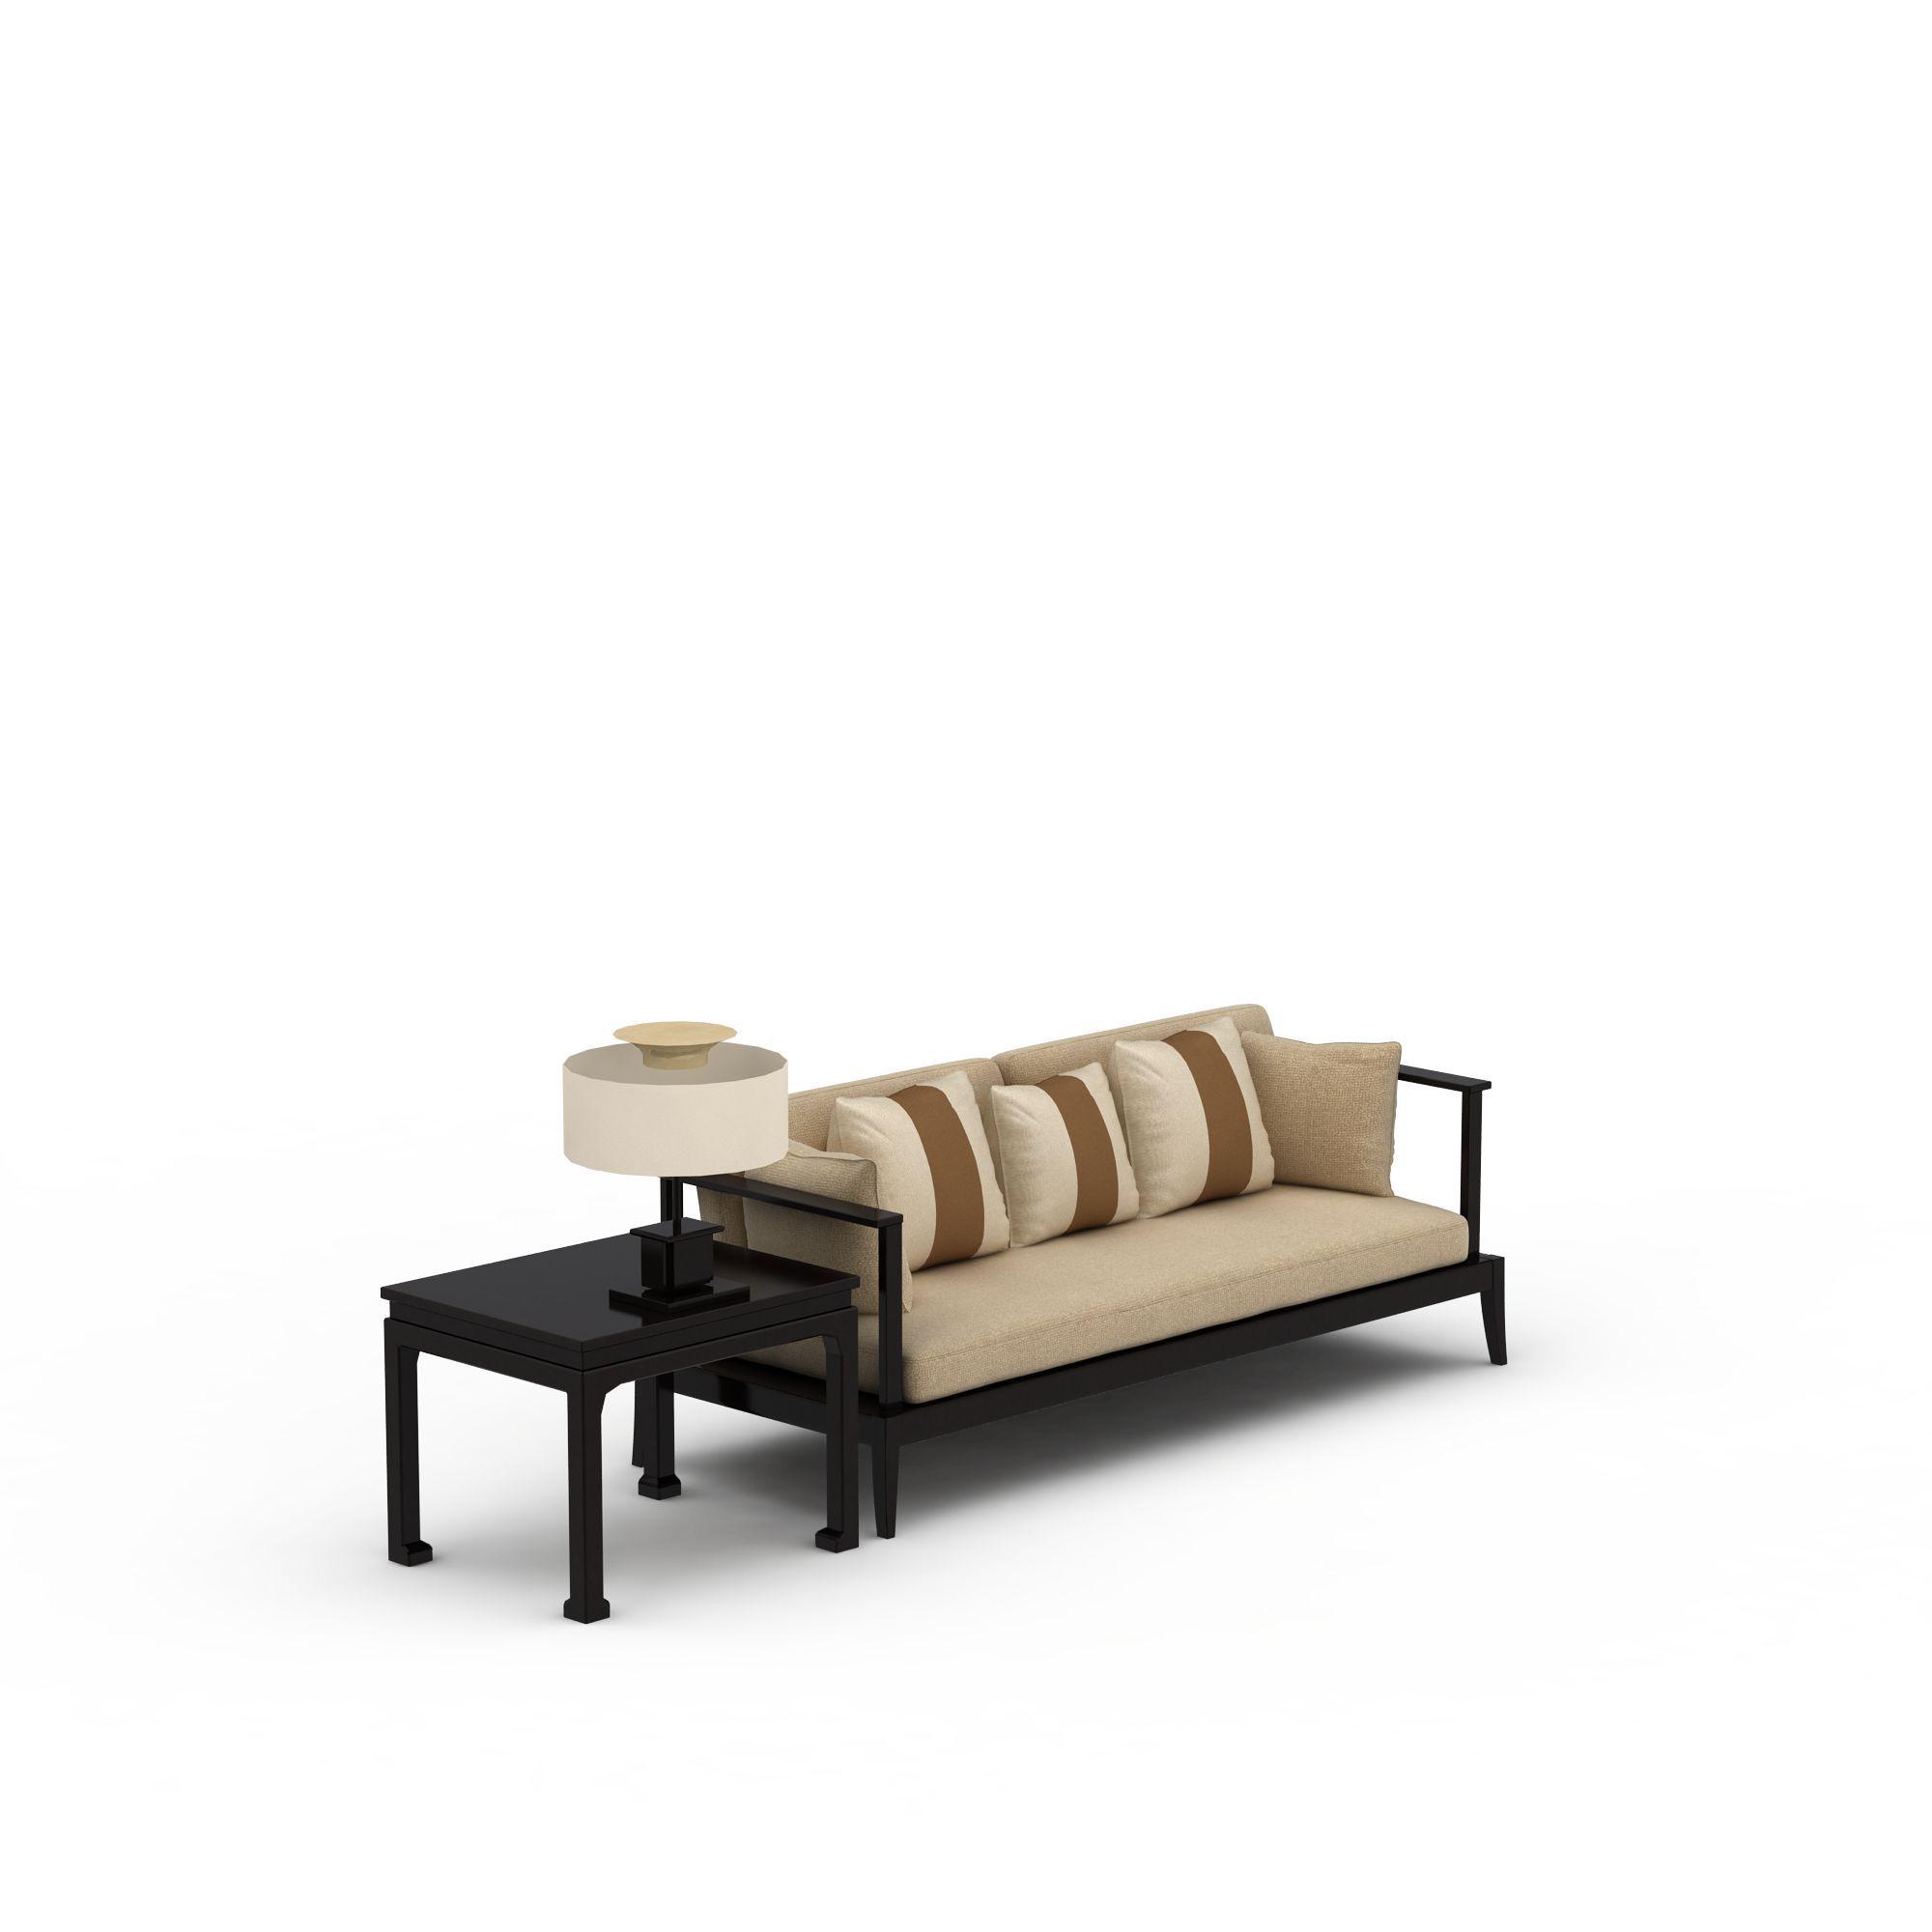 新中式沙发png高清图  新中式沙发高清图详情 设计师 3d学院 模型名称